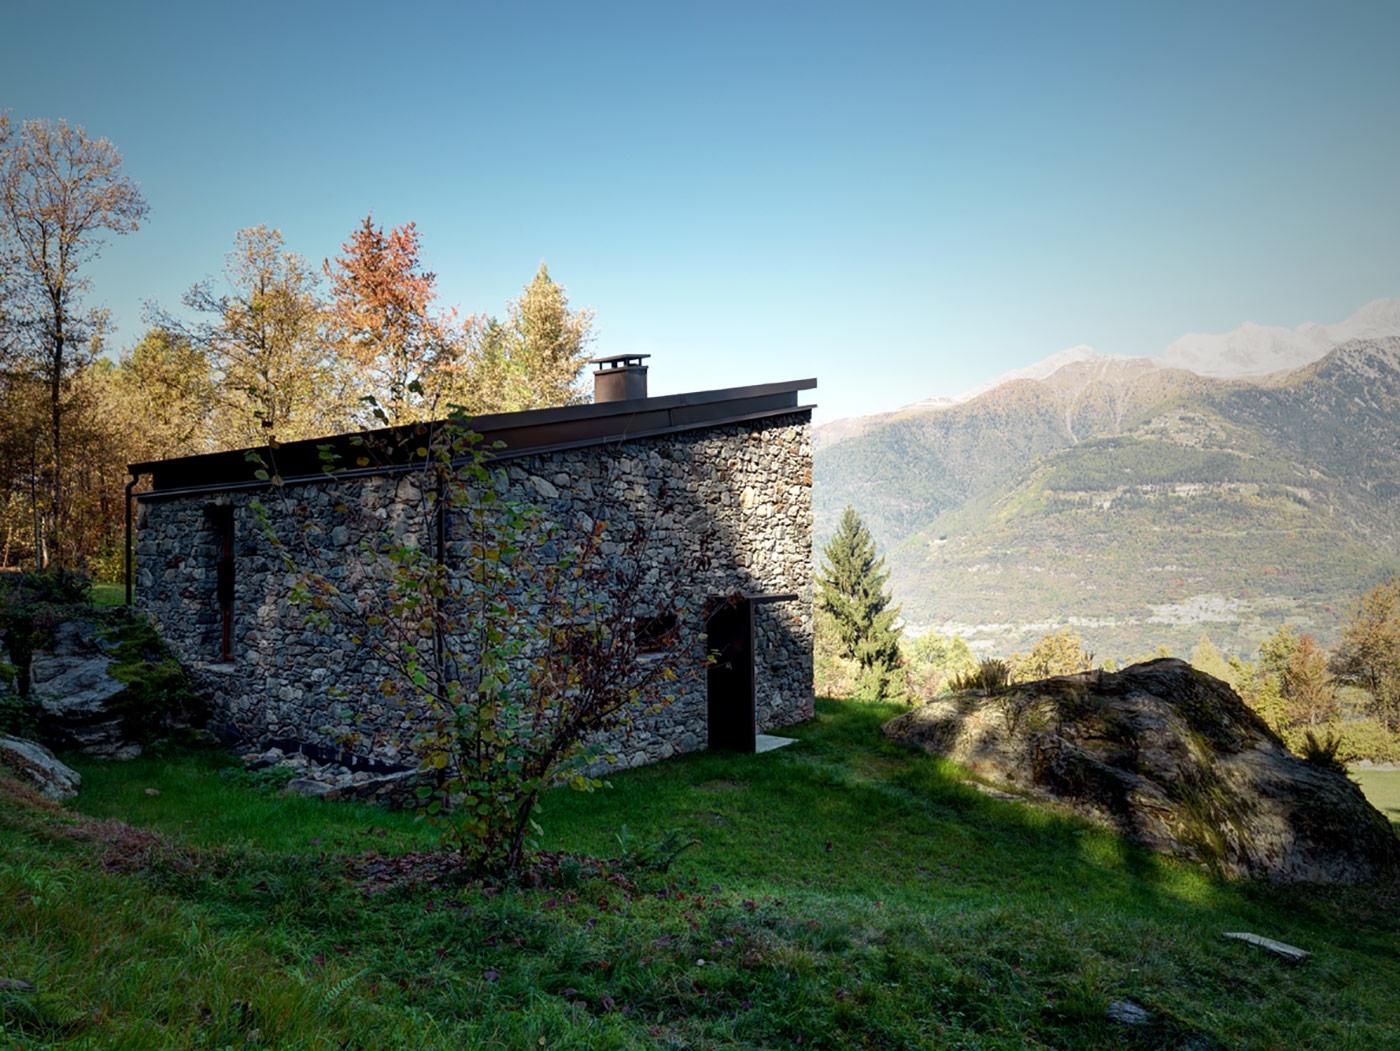 casa-vi-in-piateda-italy-vanotti-26.jpg